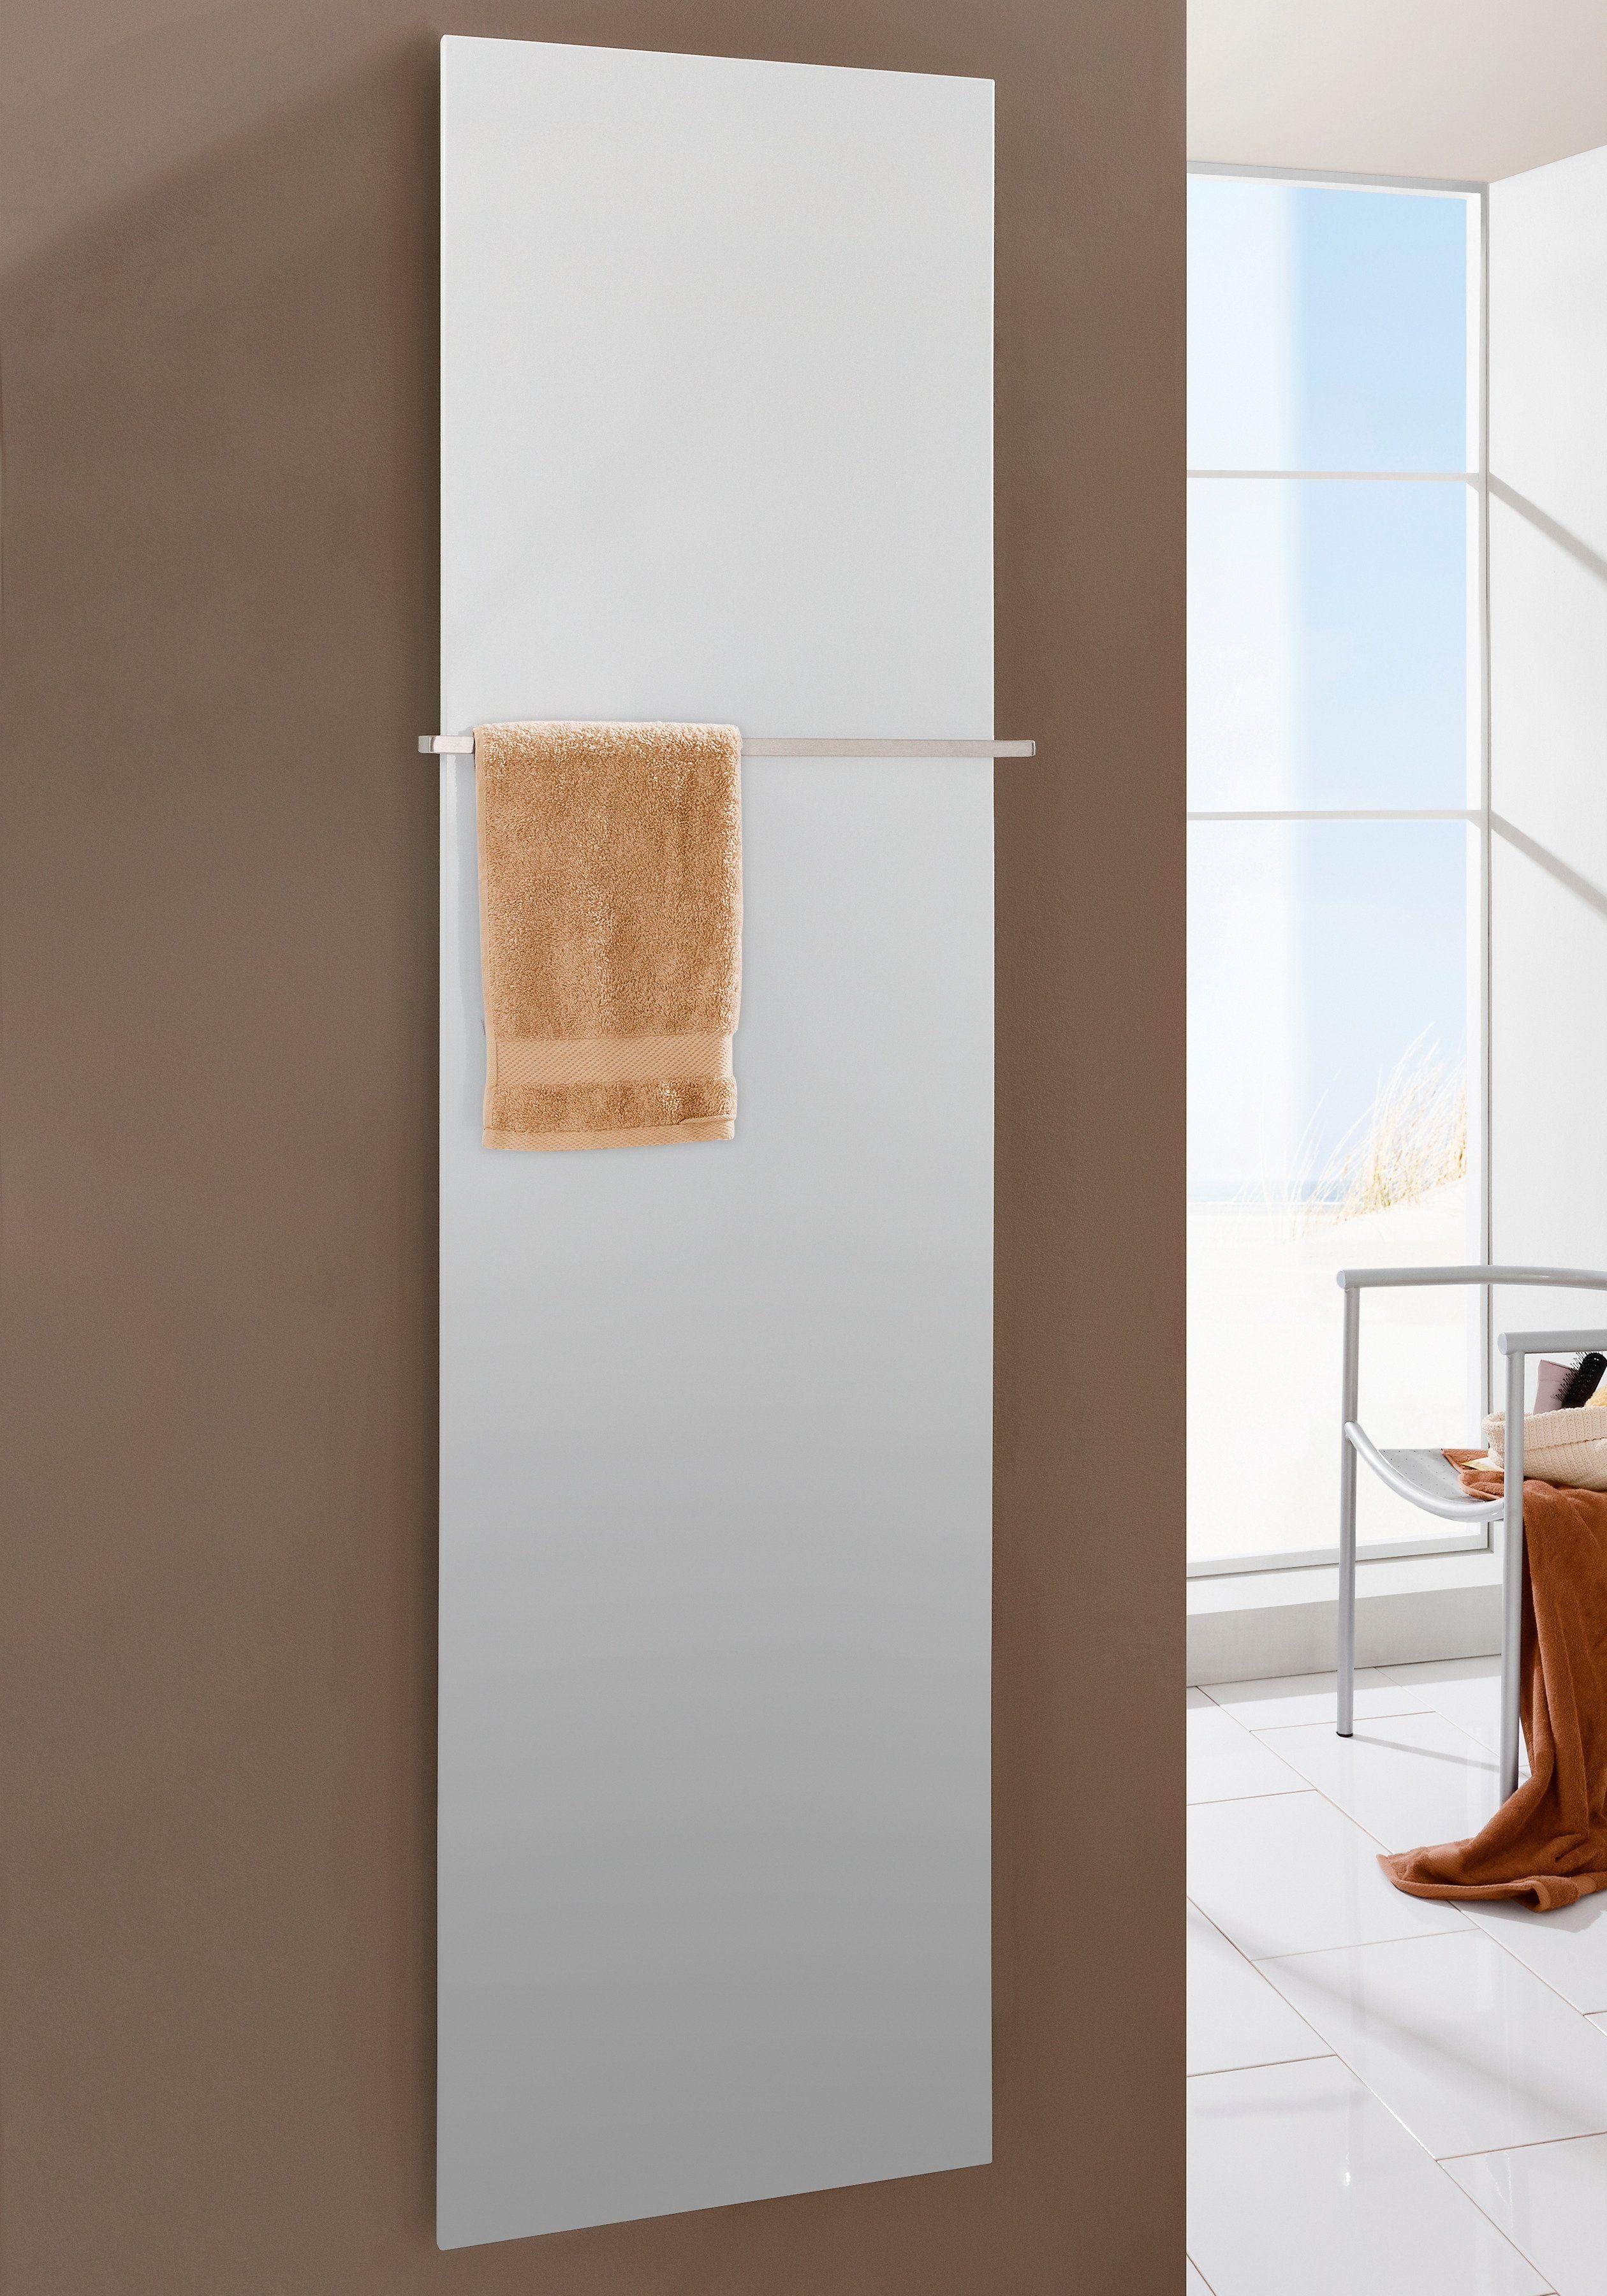 Hervorragend Sz Metall Design-Badheizkörper »Mirror Steel« | OTTO FW07